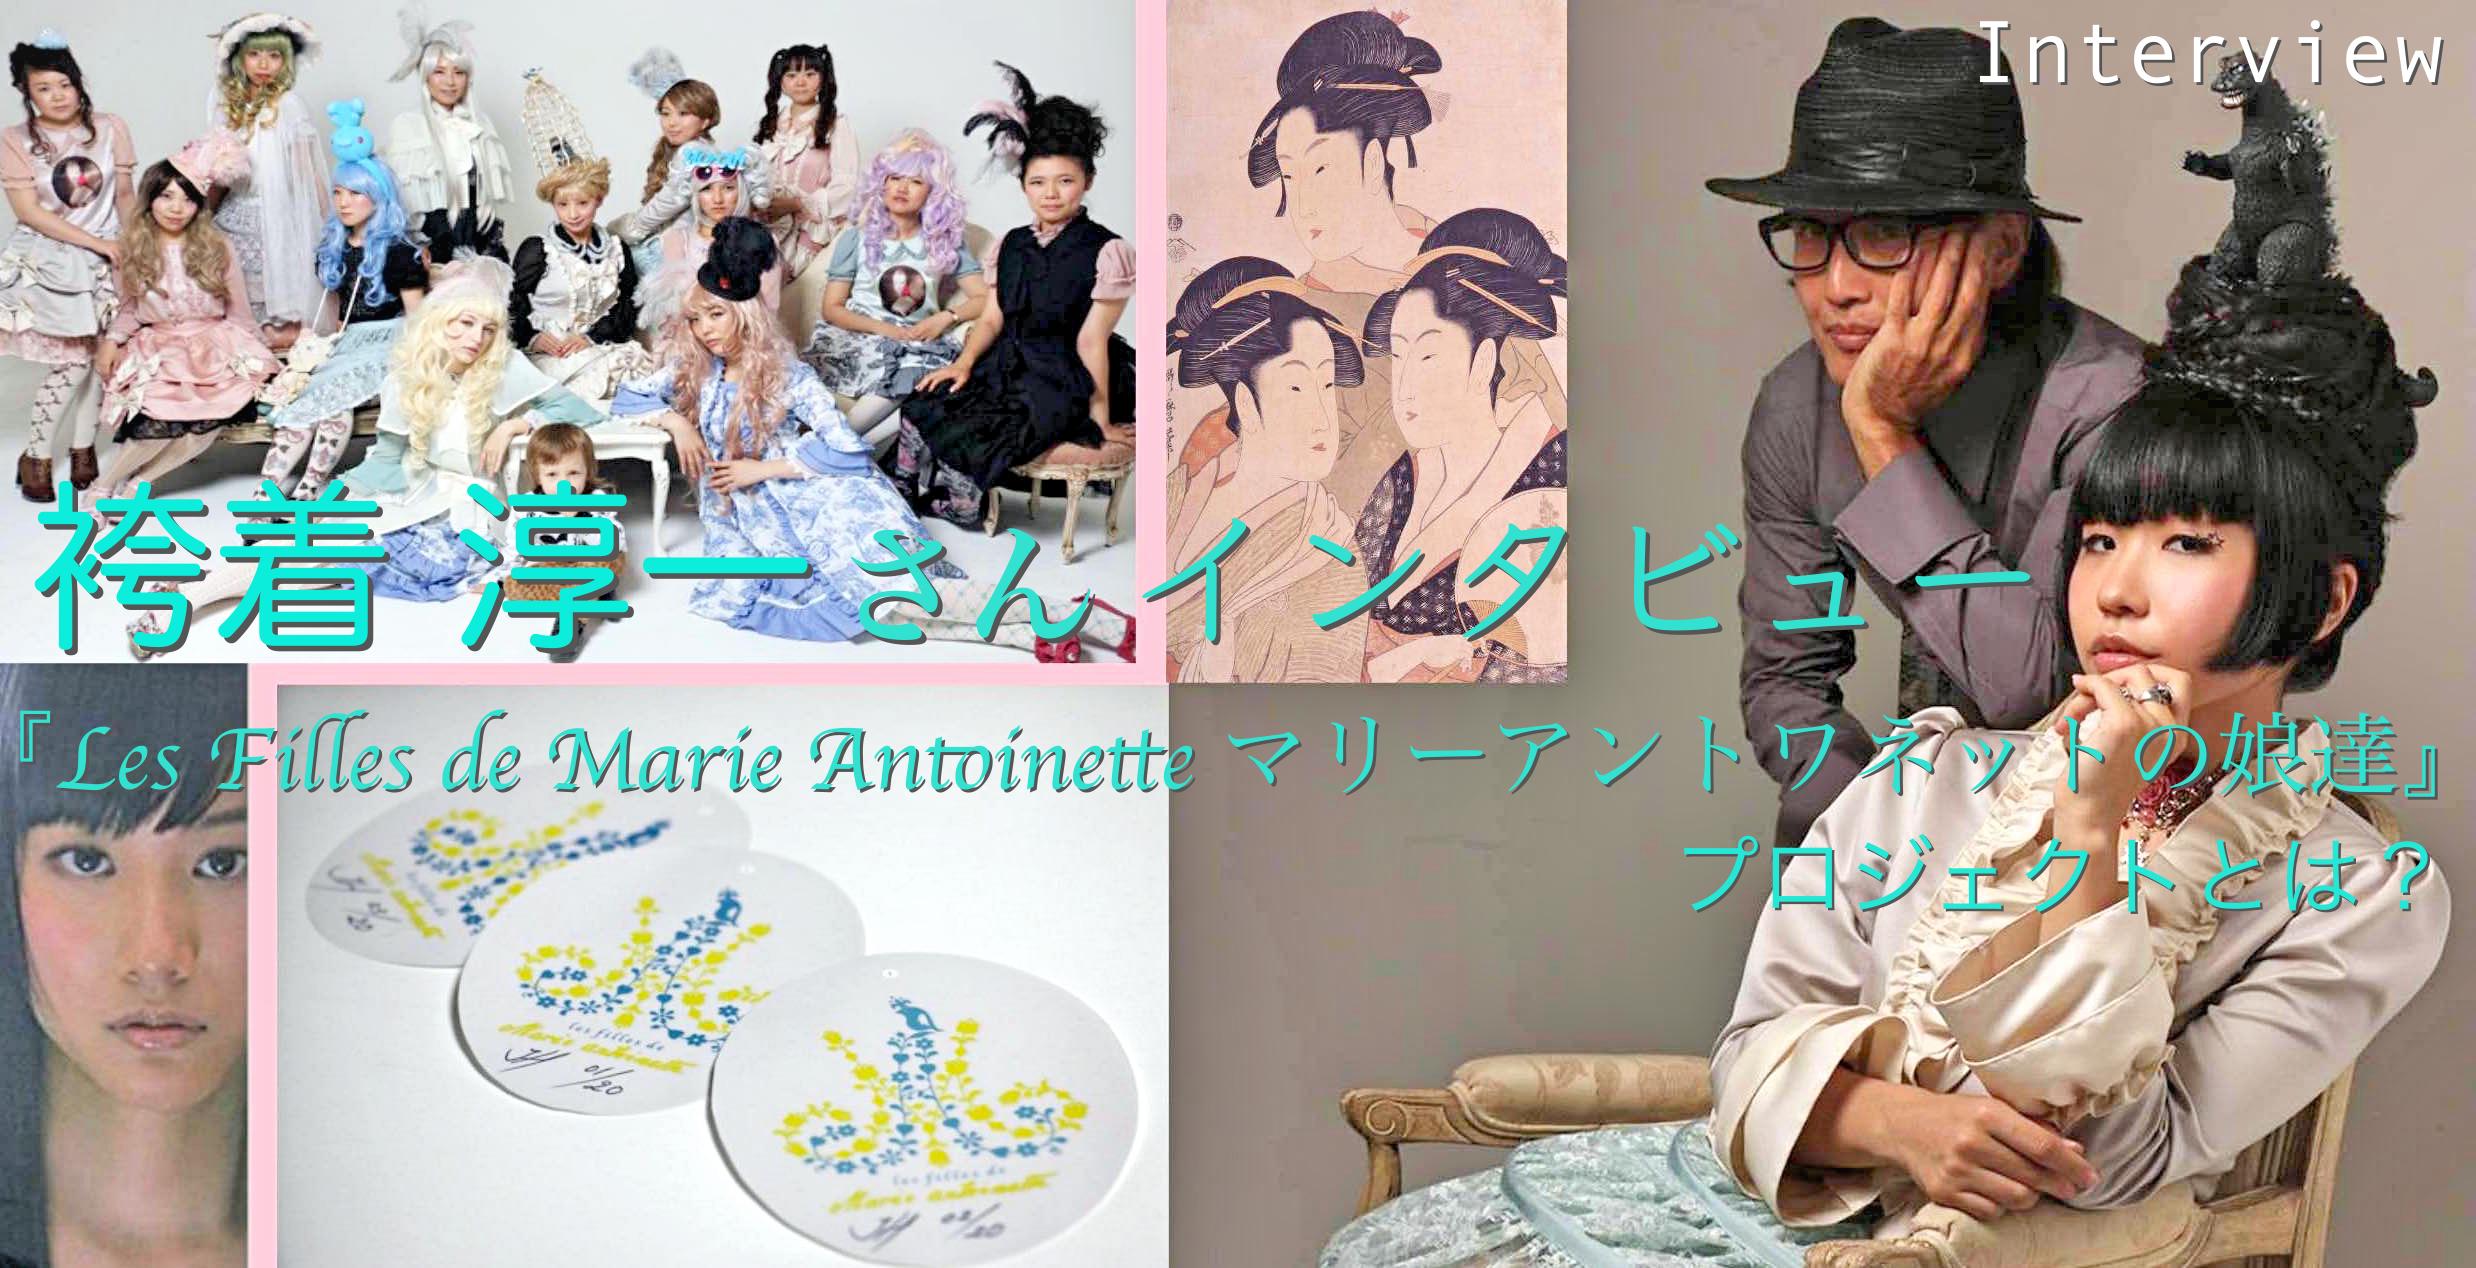 袴着淳一さん インタビュー 『Les Filles de Marie Antoinette マリーア